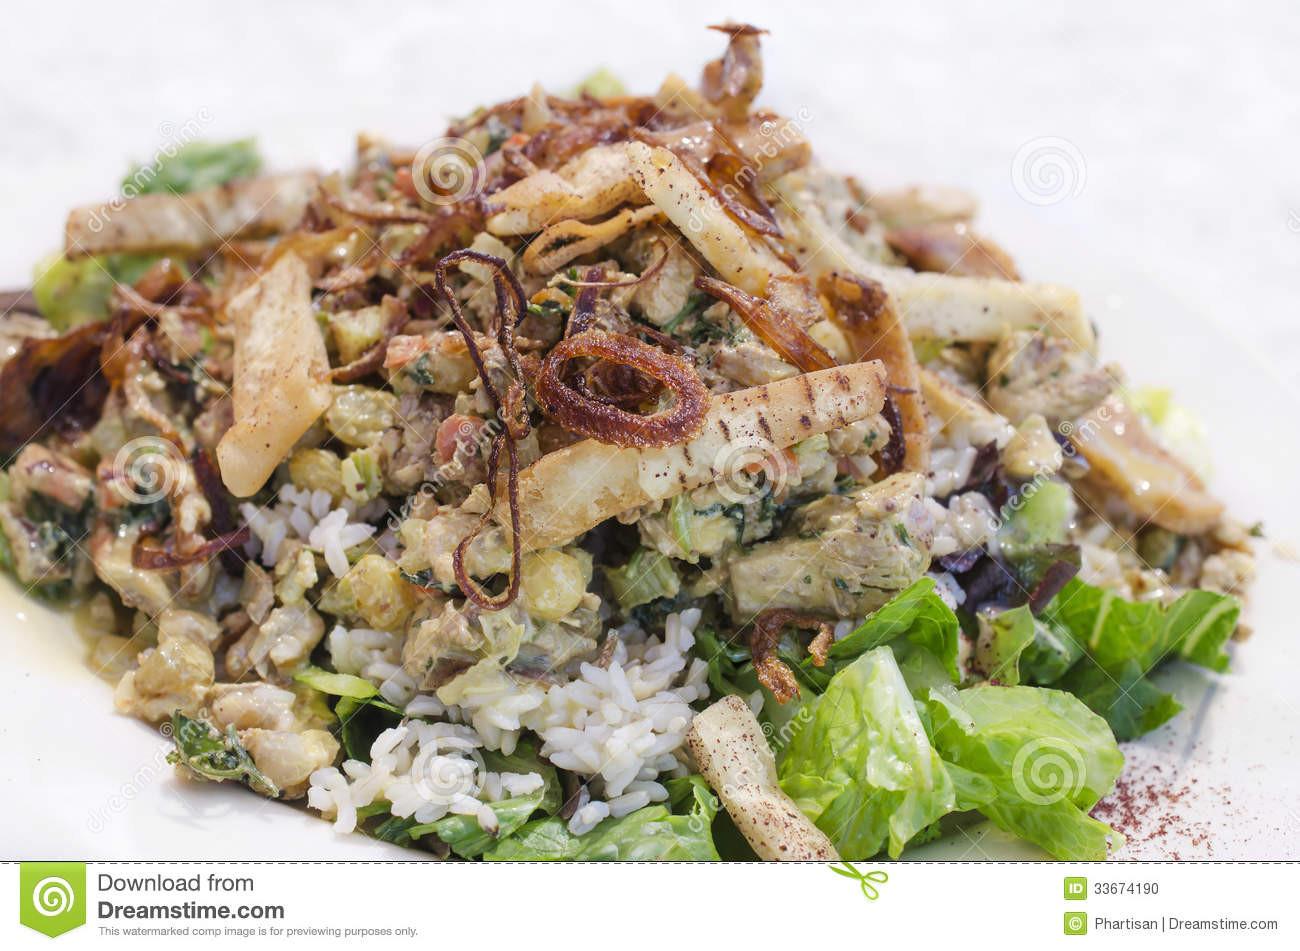 Gourmet Chicken Salad  Gourmet Chicken Salad Stock Image